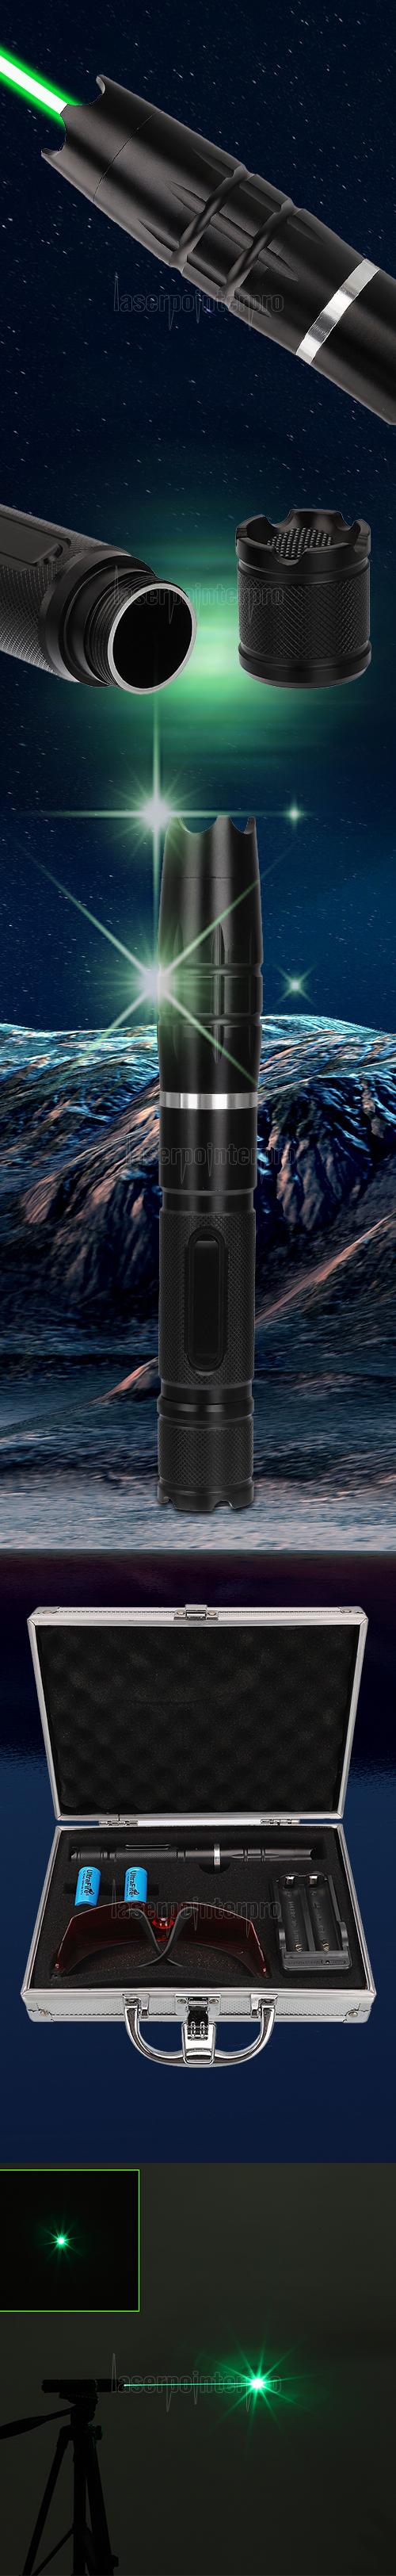 5000 MW 520 nm Brennende grüne Hochleistungs-Laserpointer-Kits GT-880